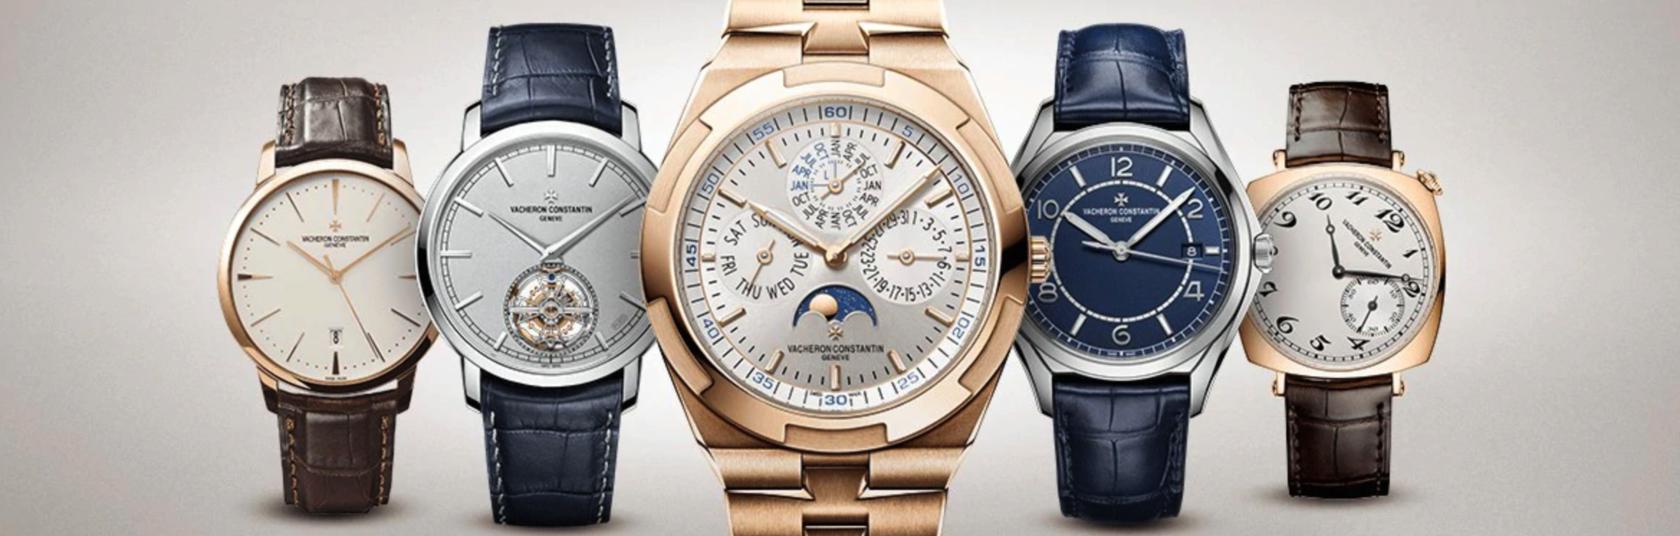 Vacheroni продать часы офицерских часов стоимость